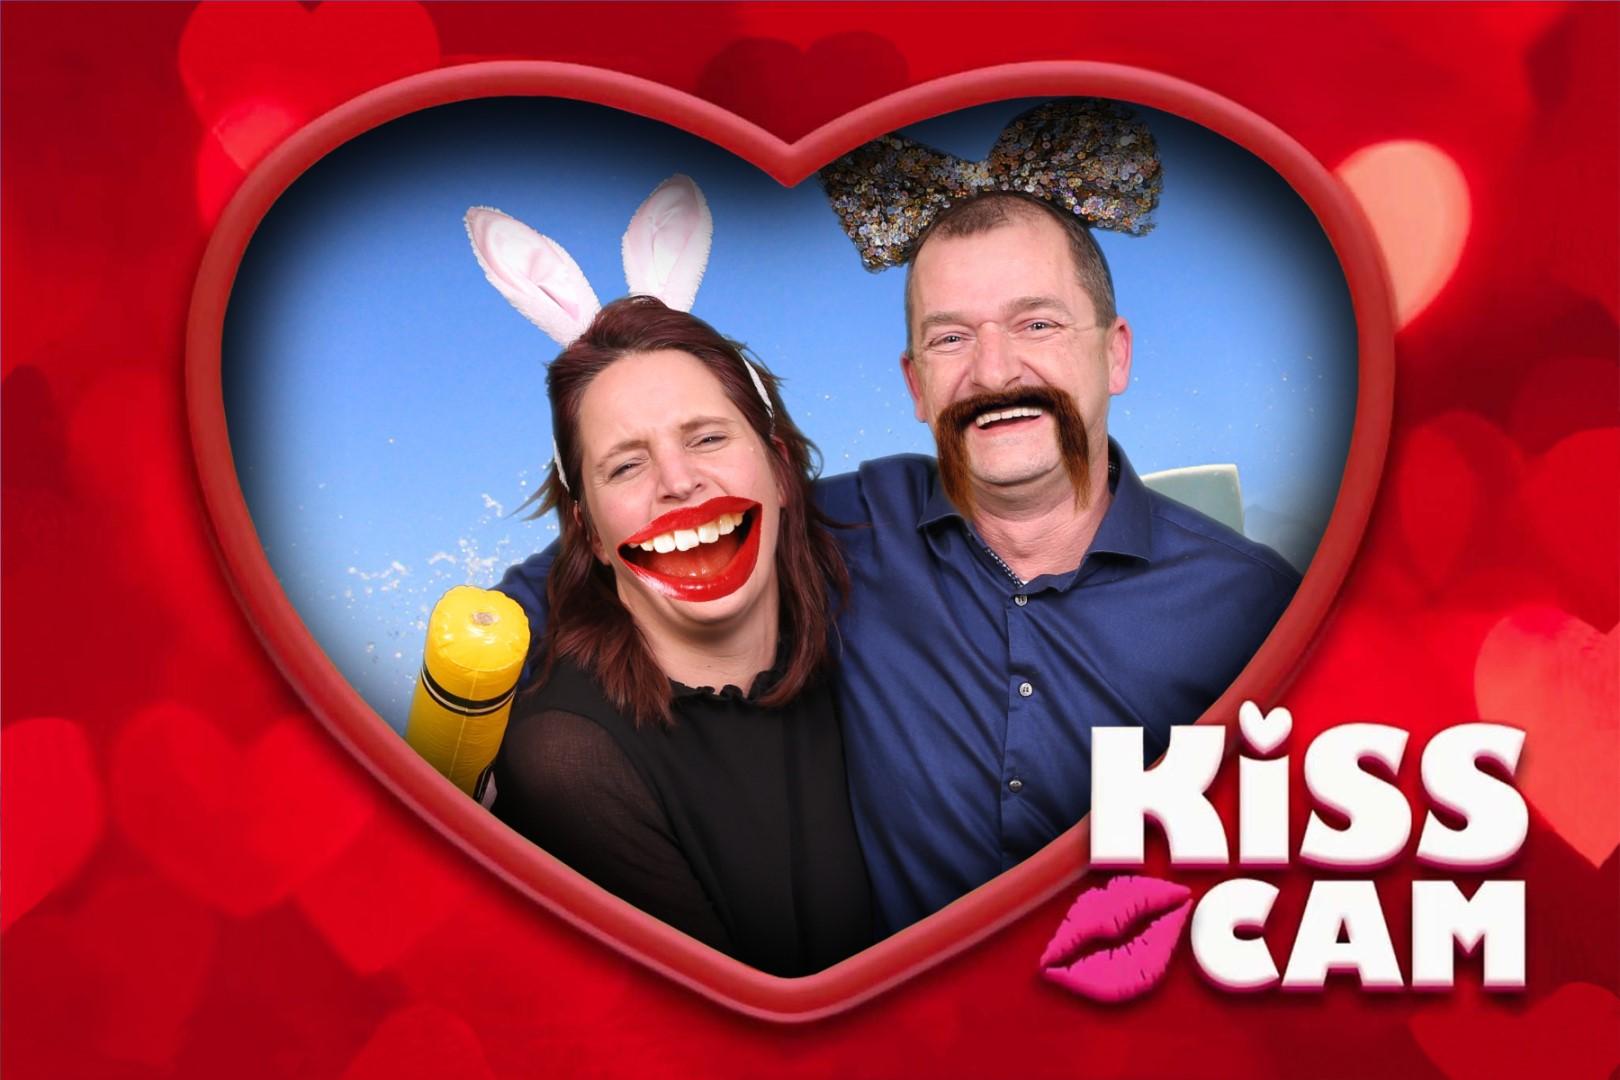 Green screen fotostudio foto in vorm van een hart met de tekst Kiss Cam